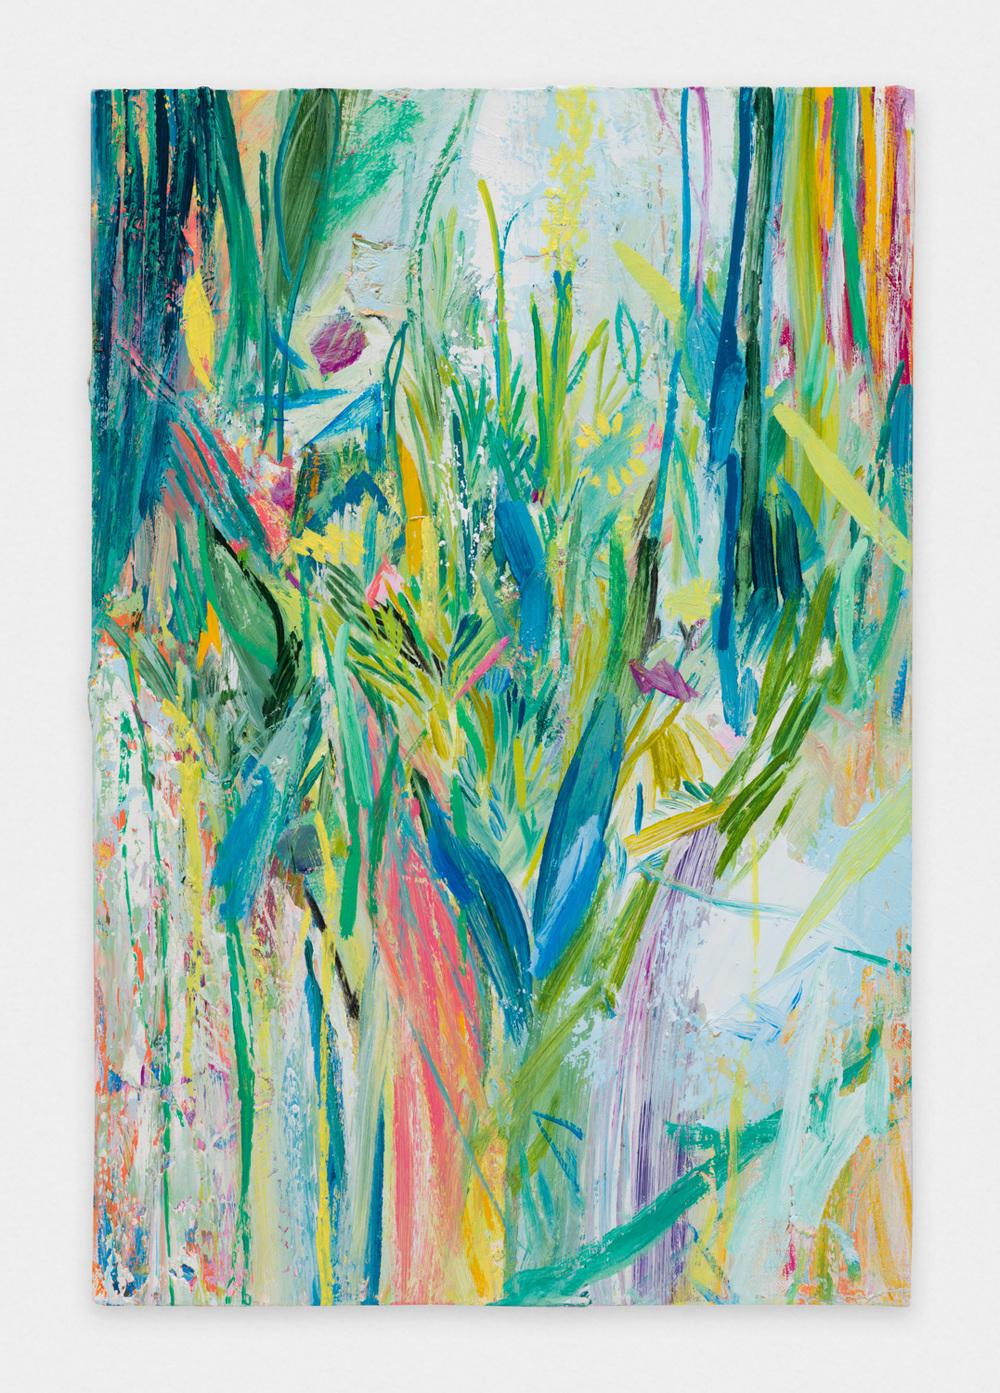 Miki Mochizuka  Trophy  2015 - 2016 Oil on canvas 23.86h x 16.14w in (60.6h x 41w cm) MikiM011